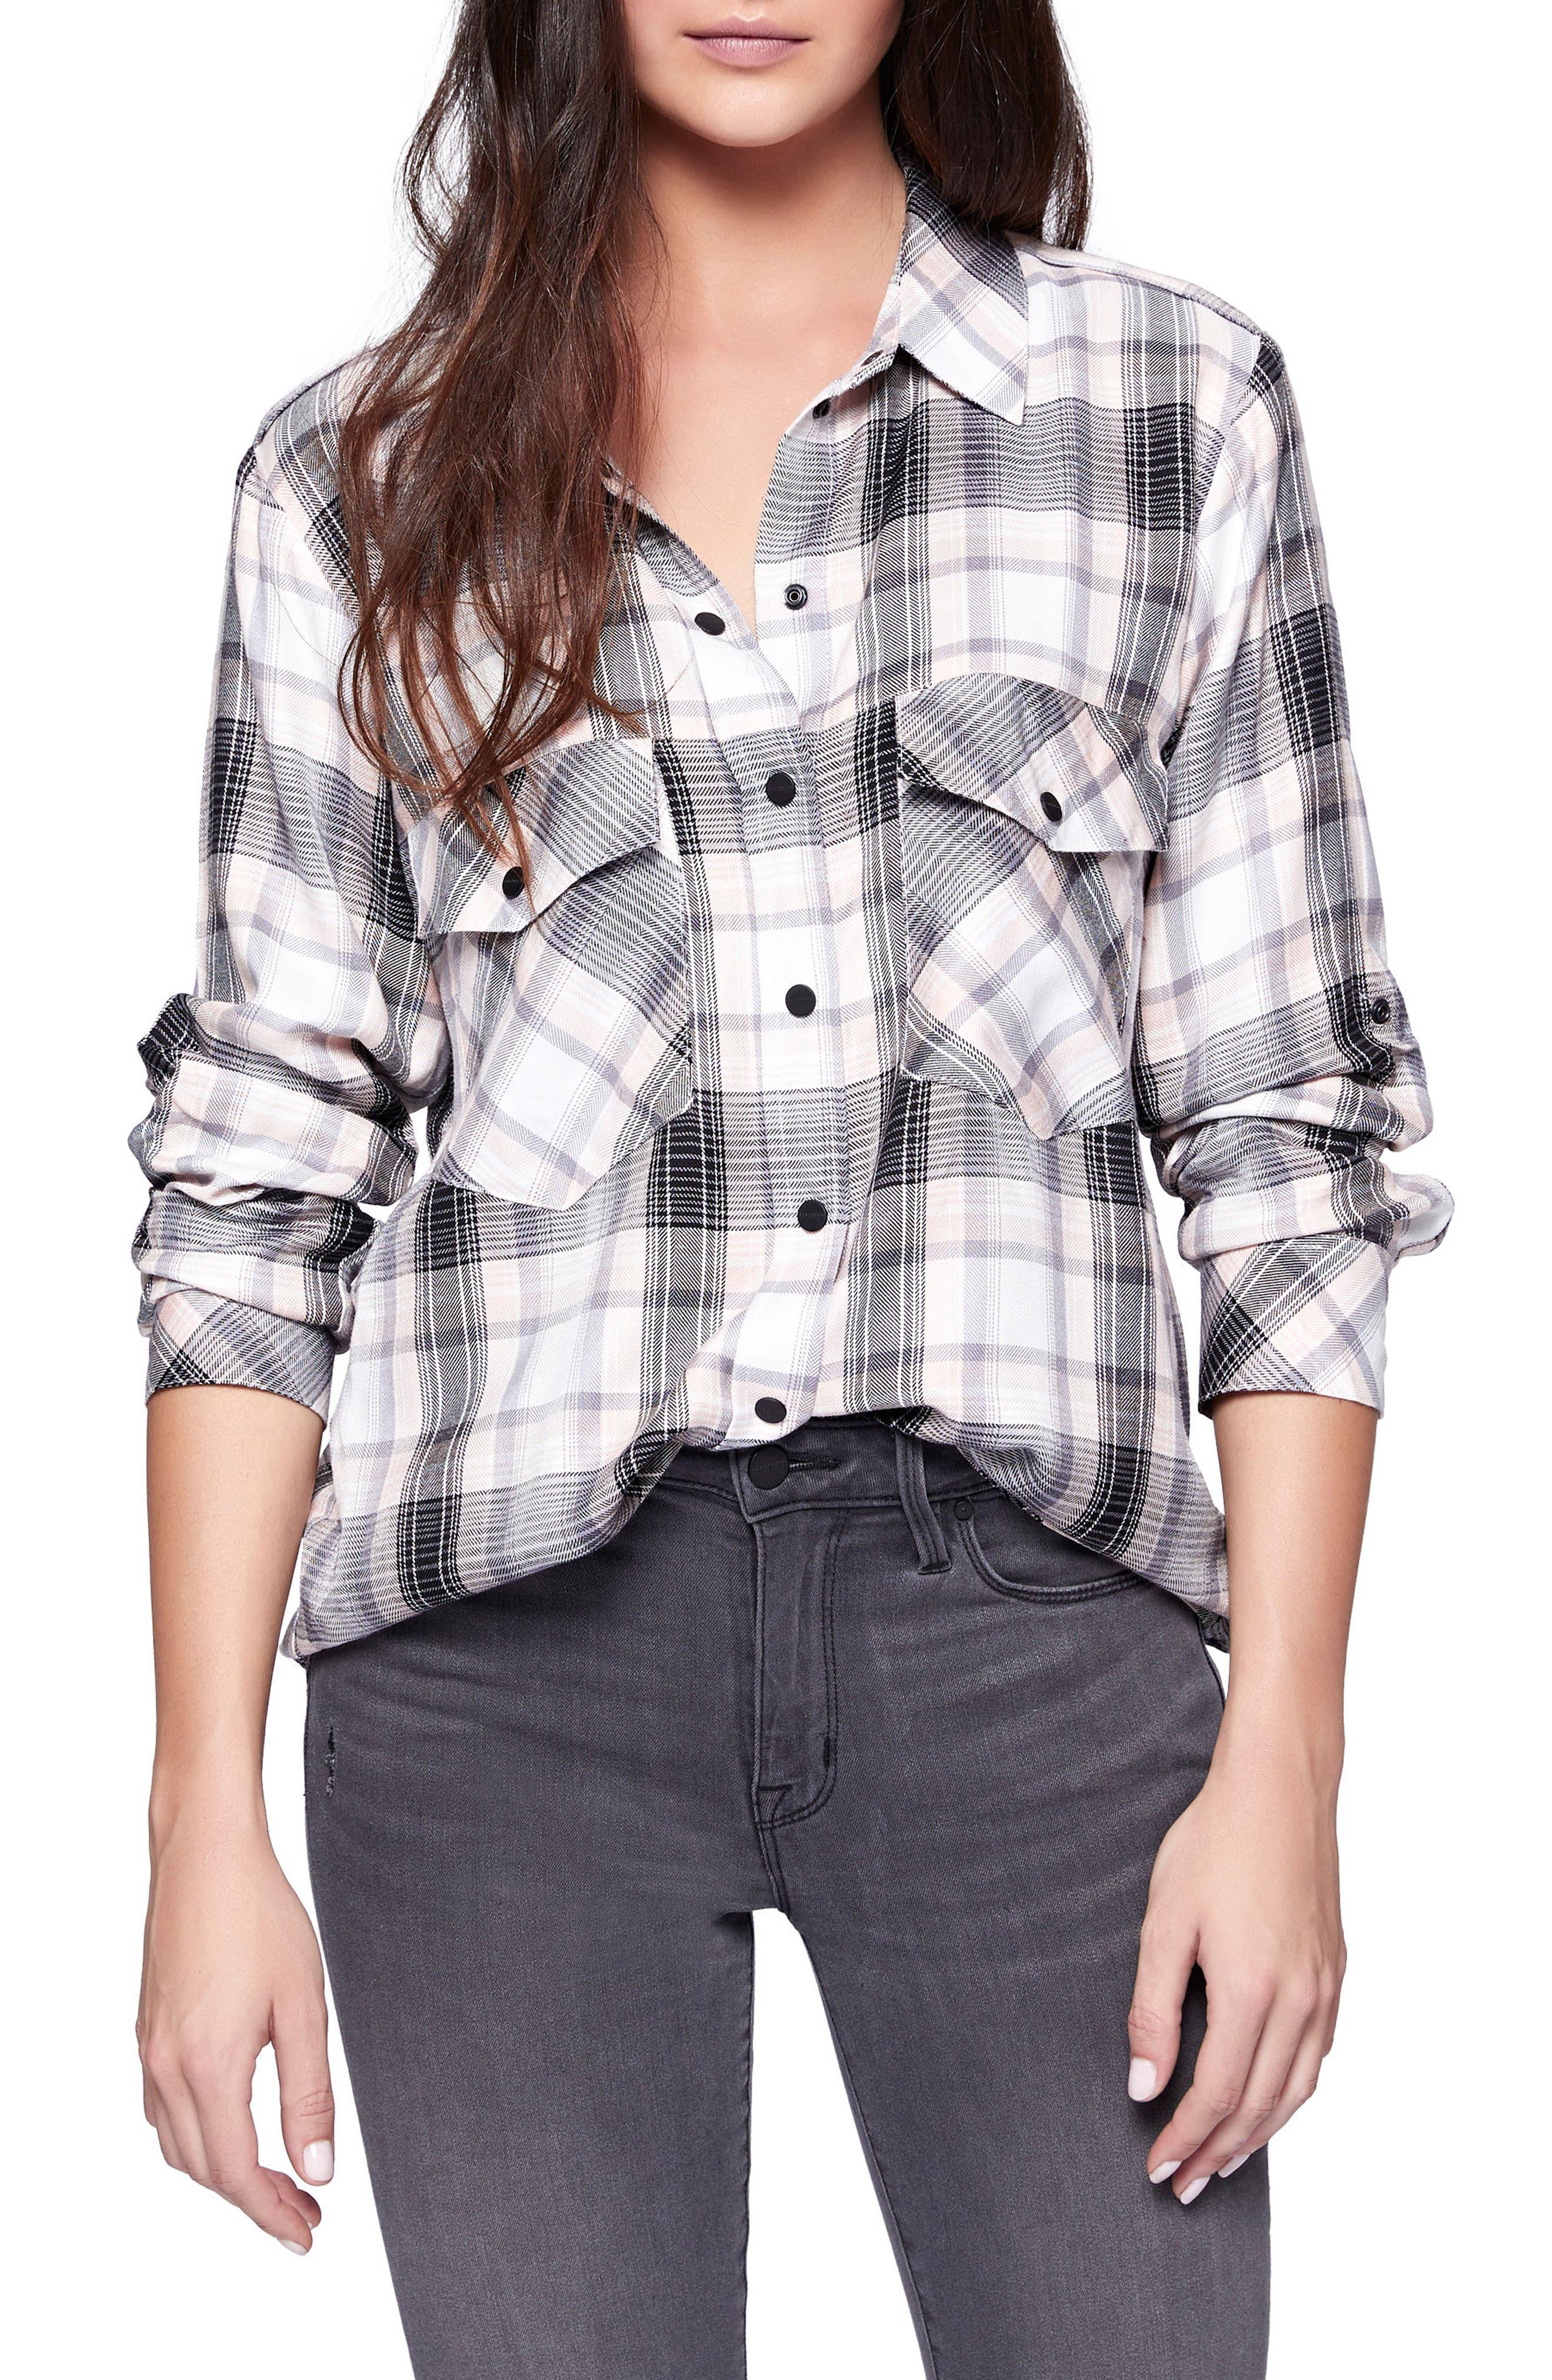 Alternate Image 1 Selected - Sanctuary Plaid Boyfriend Shirt